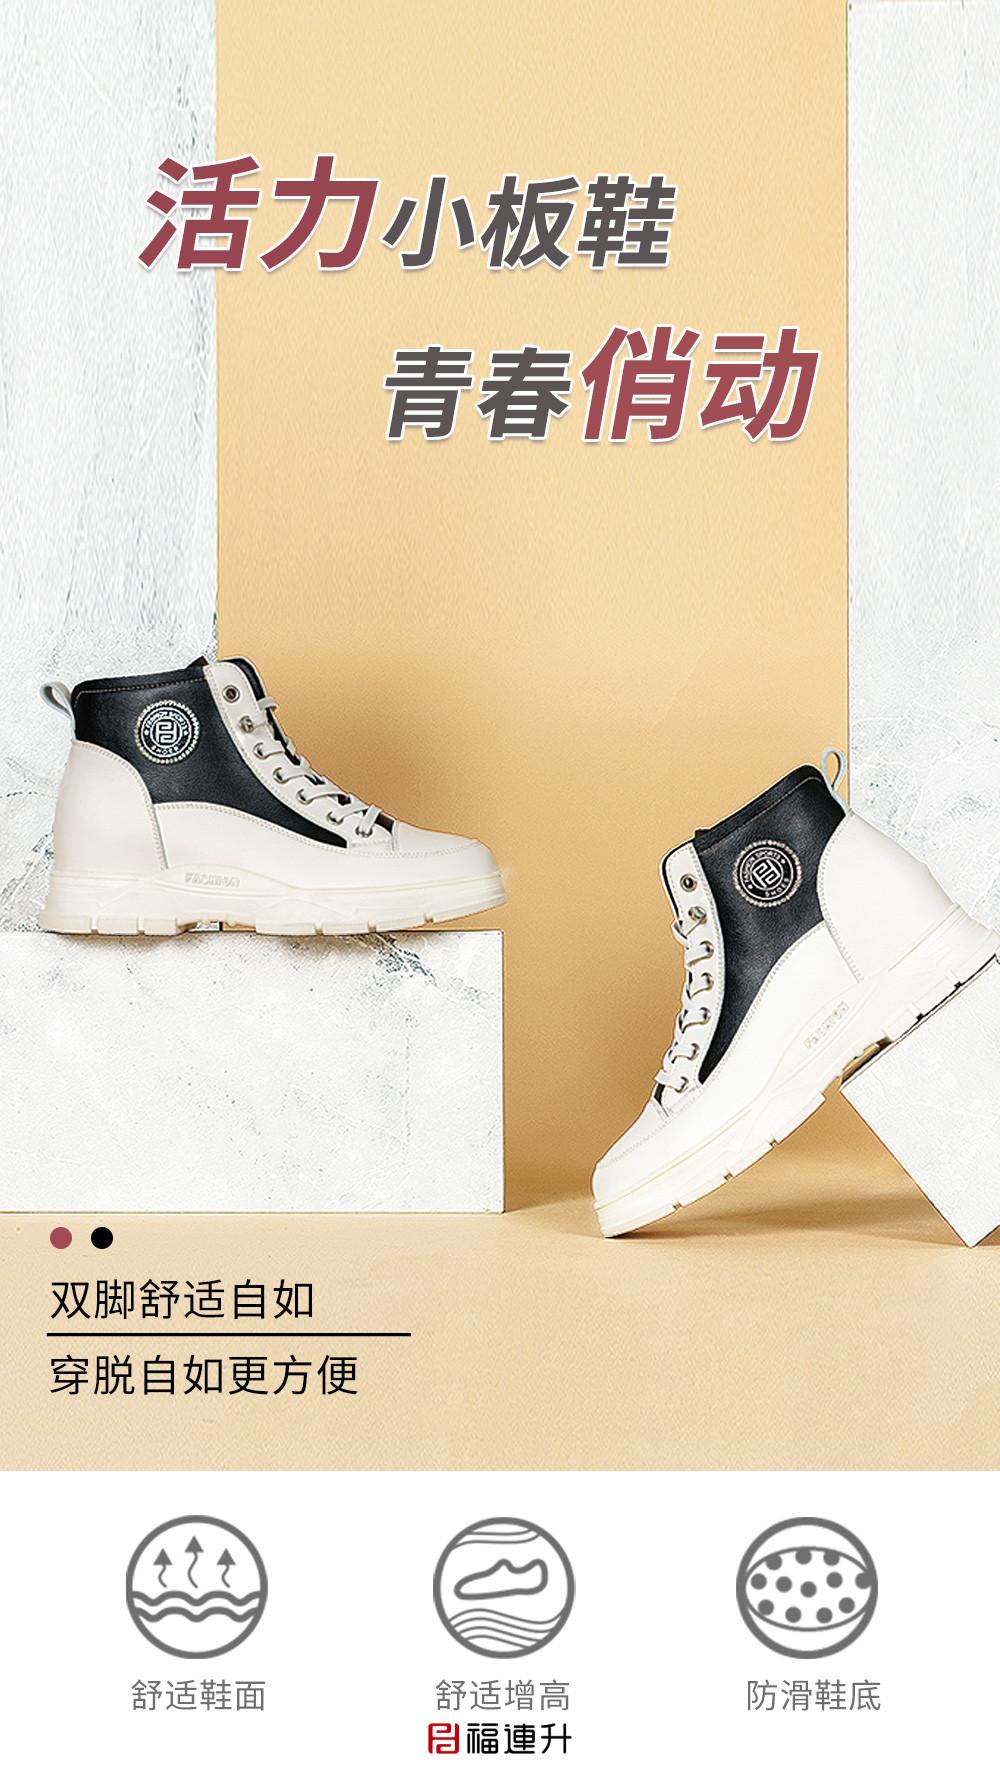 福连升休闲鞋2020冬季新款时尚运动百搭厚底显高牛皮老爹鞋图片